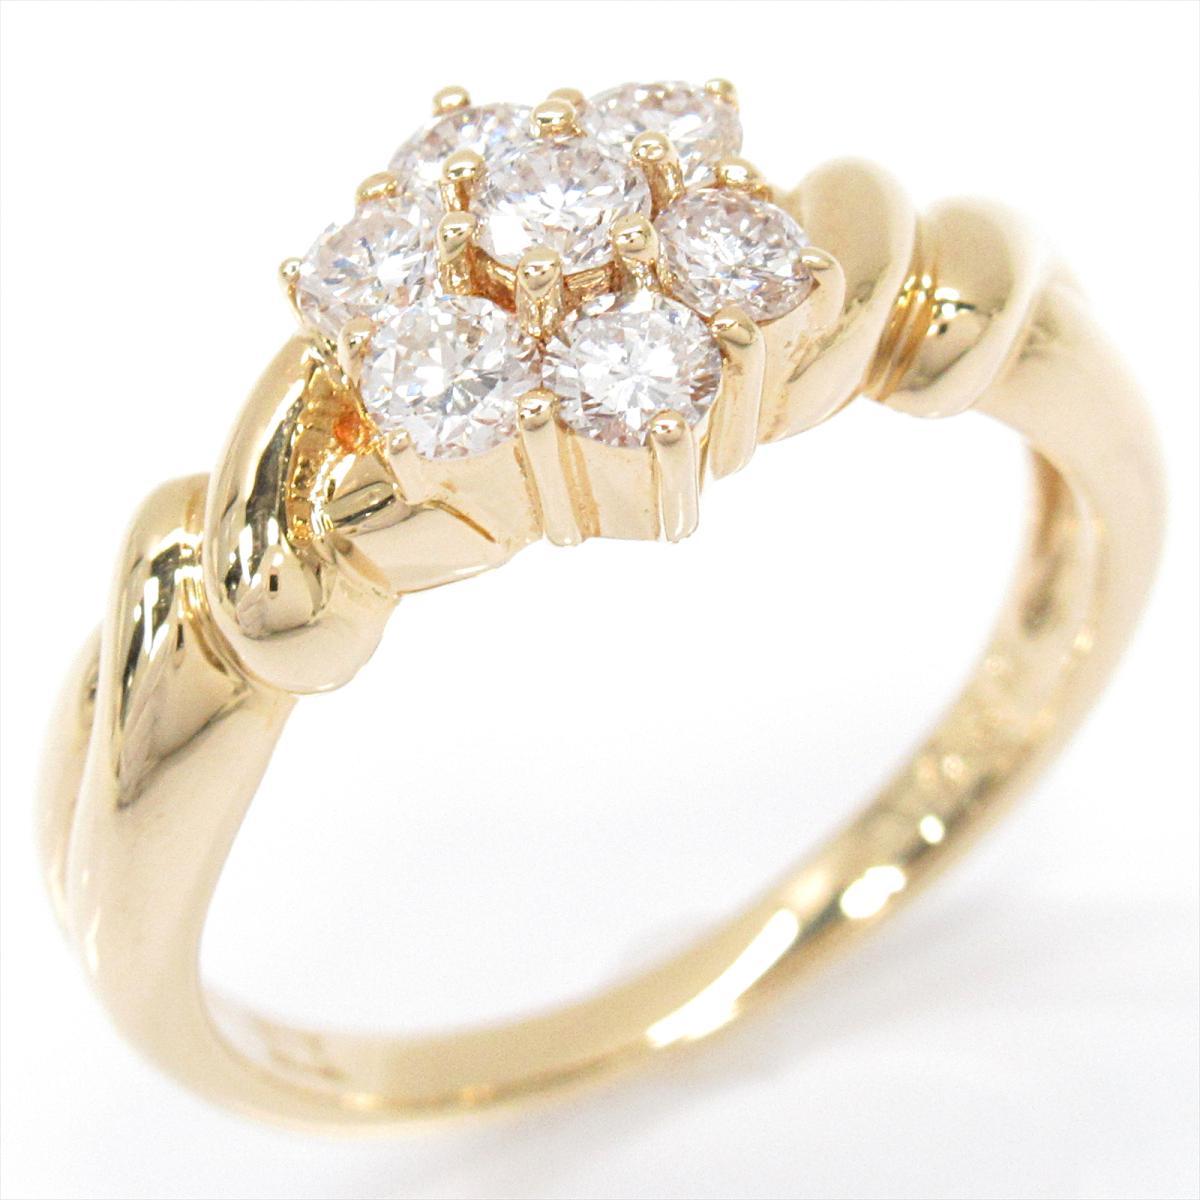 【中古】 ジュエリー ダイヤモンド リング 指輪 レディース K18YG (750) イエローゴールド x | JEWELRY BRANDOFF ブランドオフ ブランド アクセサリー